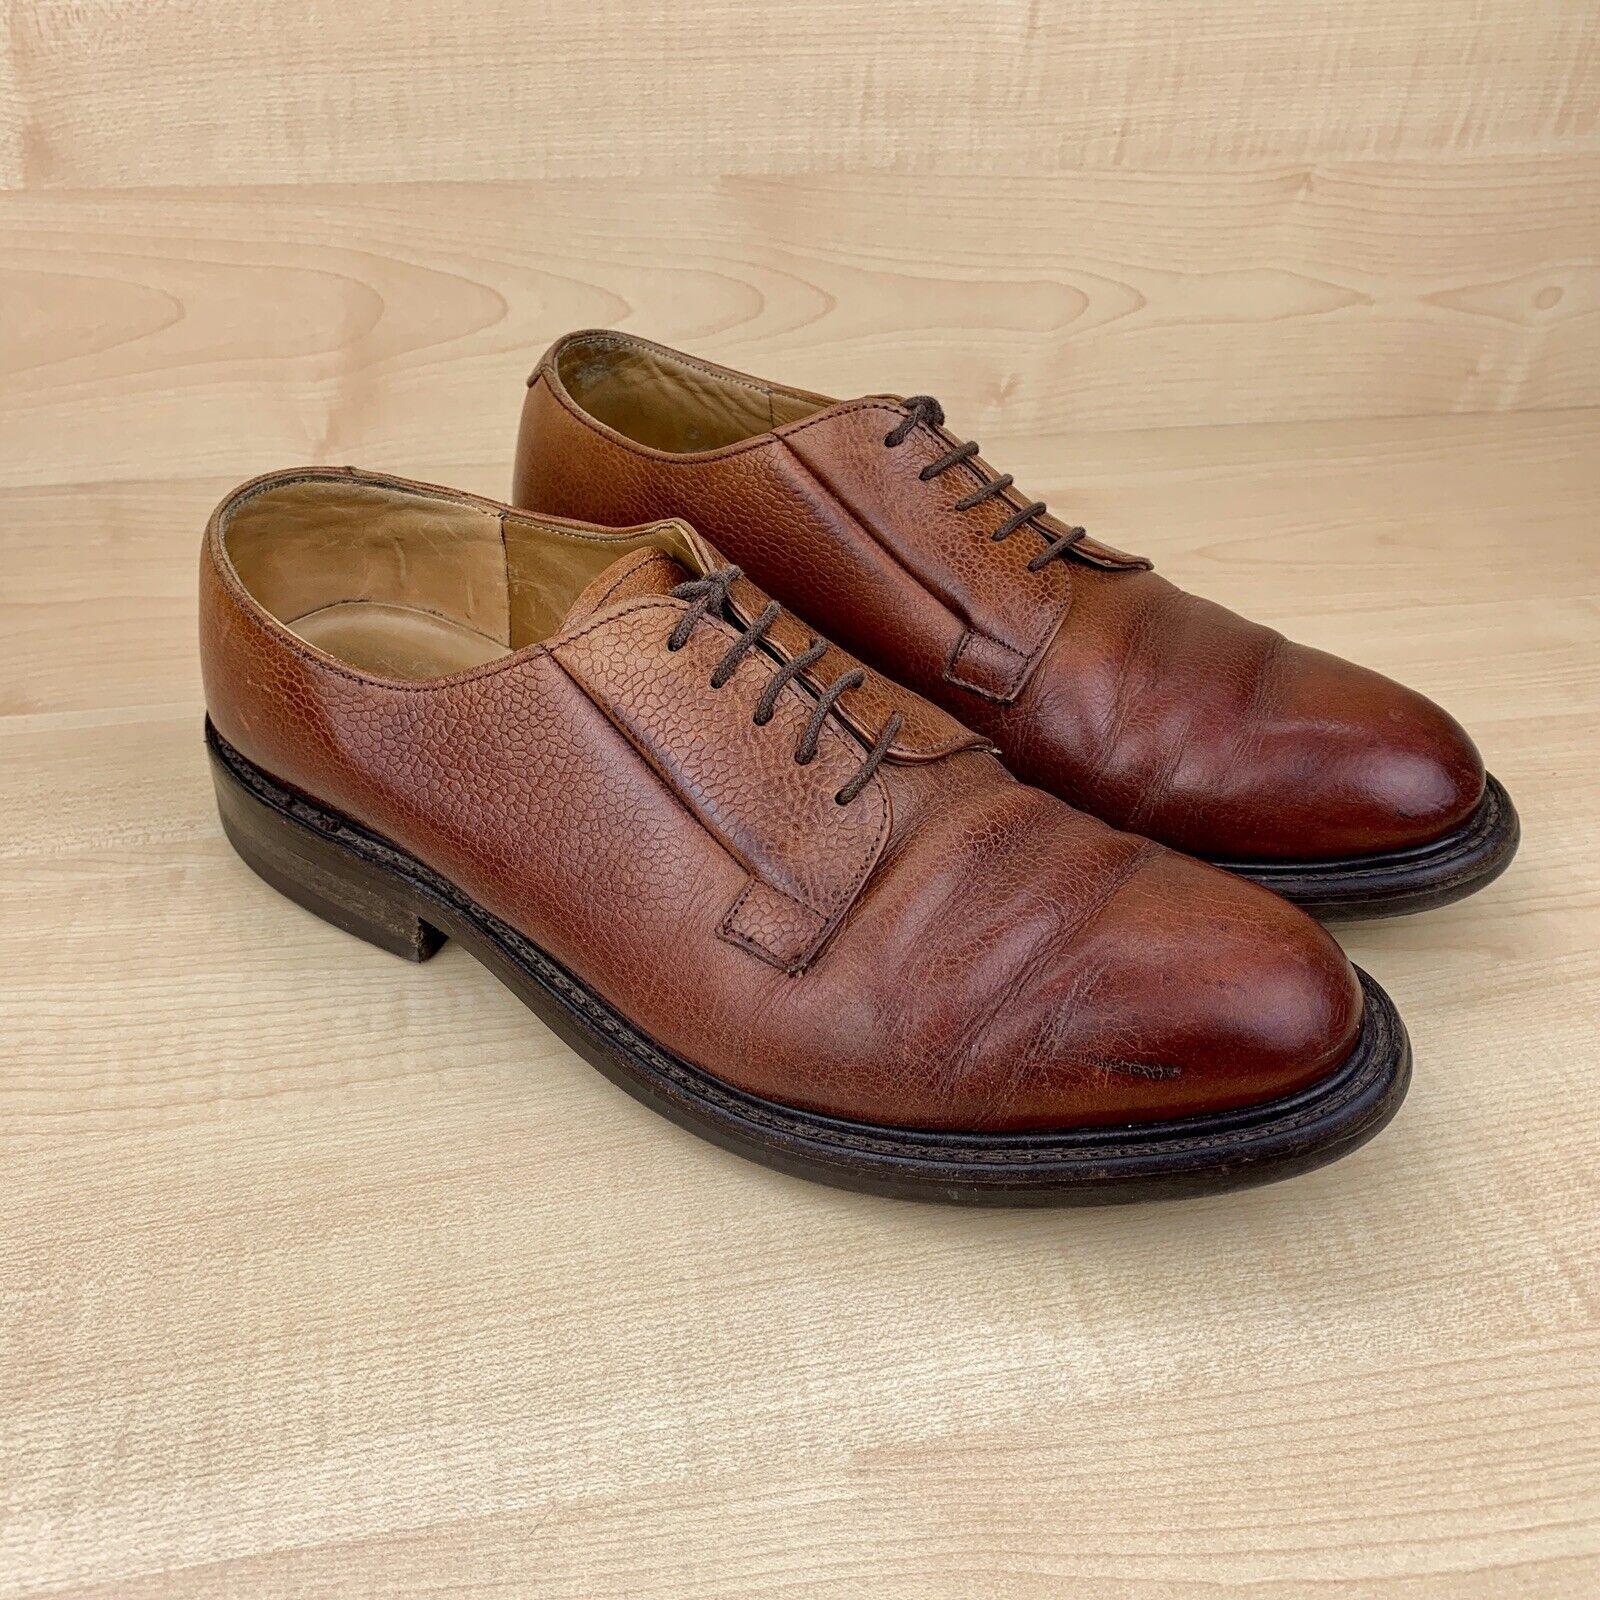 Cheaney 'deal' R, cuero marrón, zapatos de hombre, 8 f hechos a mano en Inglaterra.